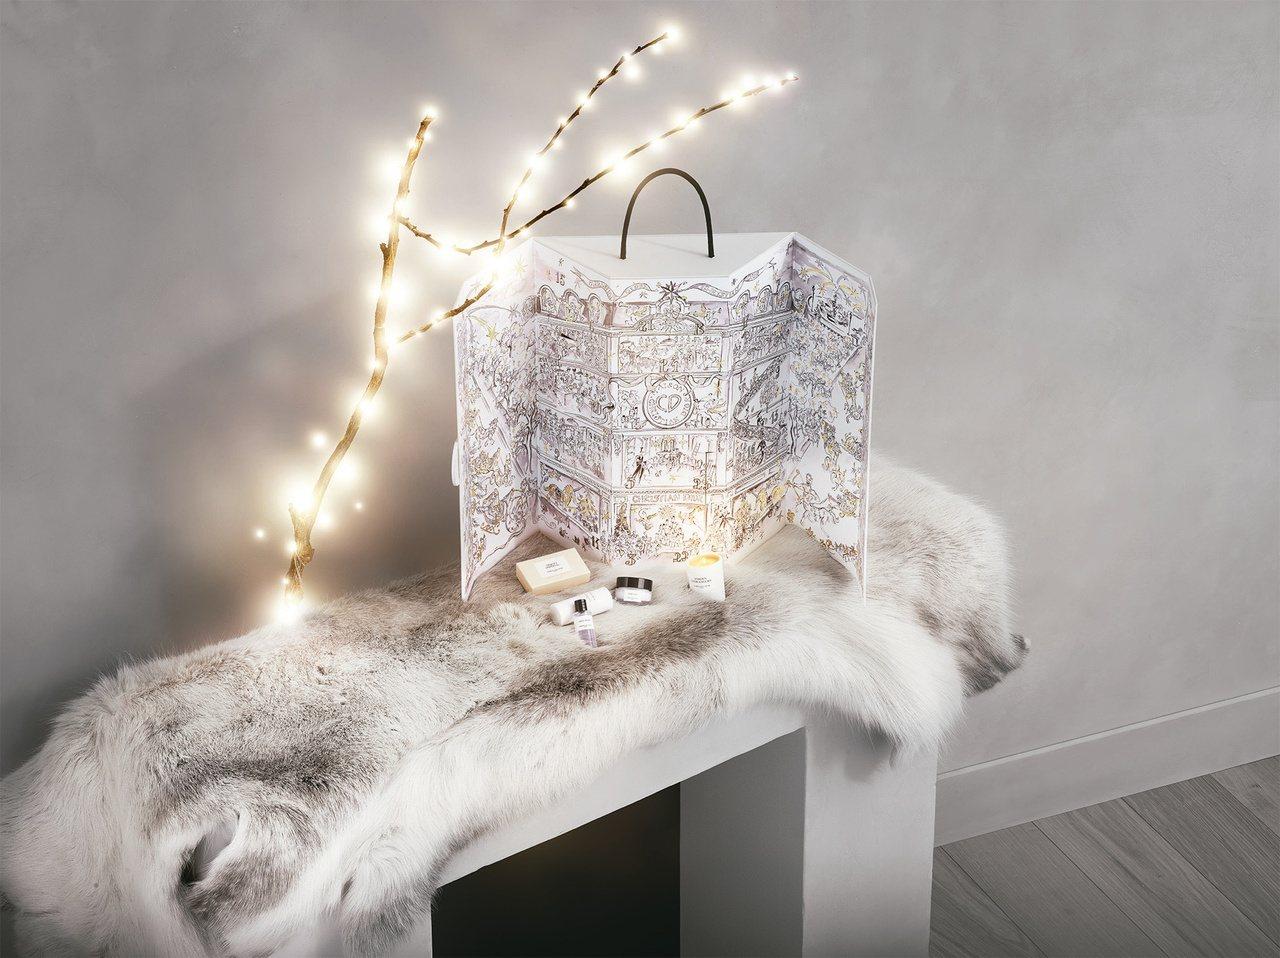 迪奧耶誕倒數日曆登場,售價15,000元。圖/迪奧提供